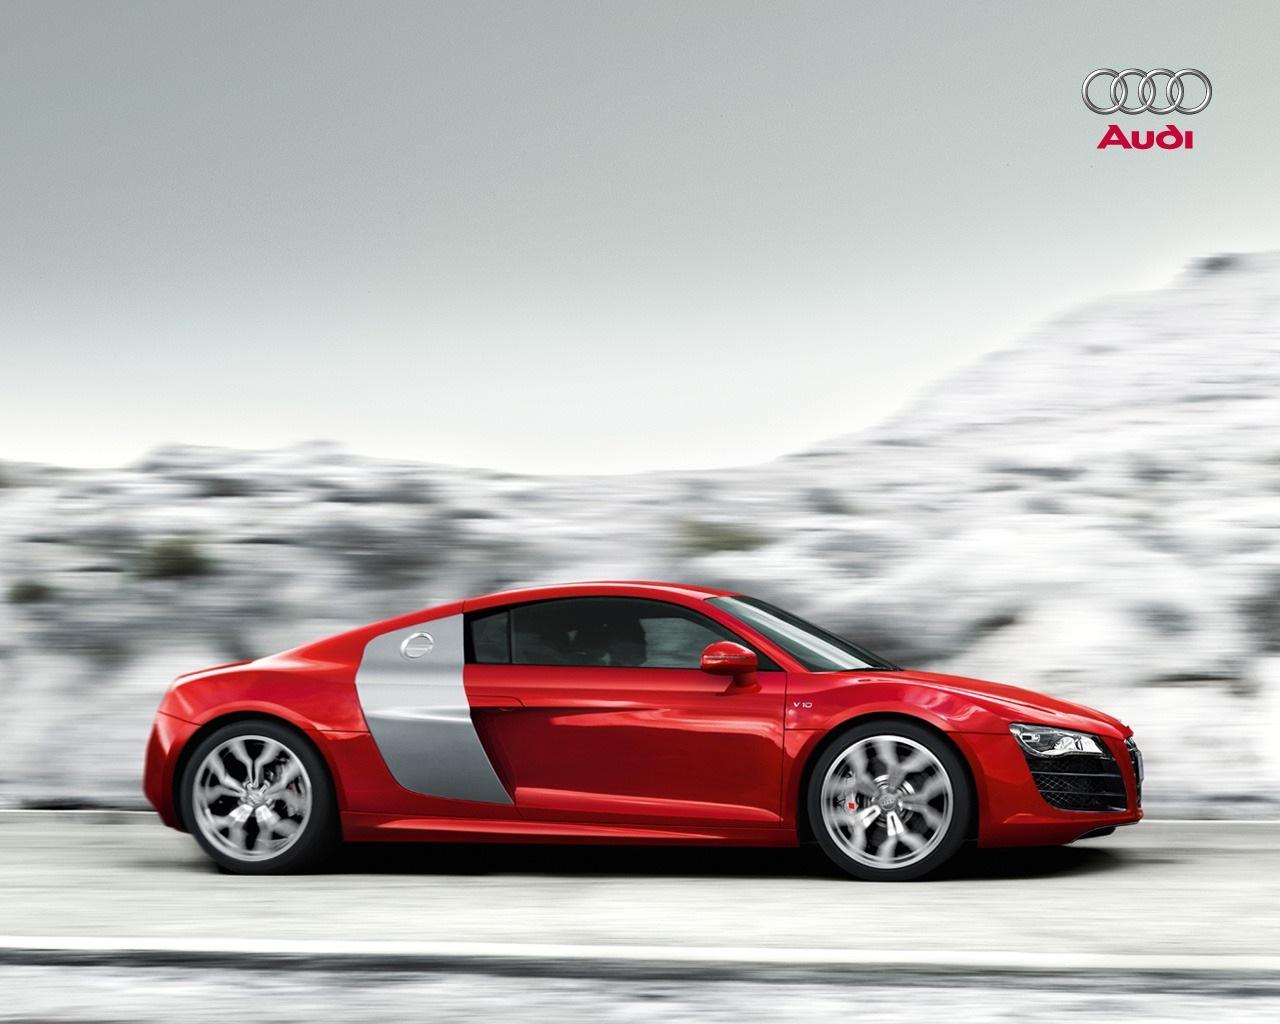 Audi r8 V10 Wallpaper images 1280x1024